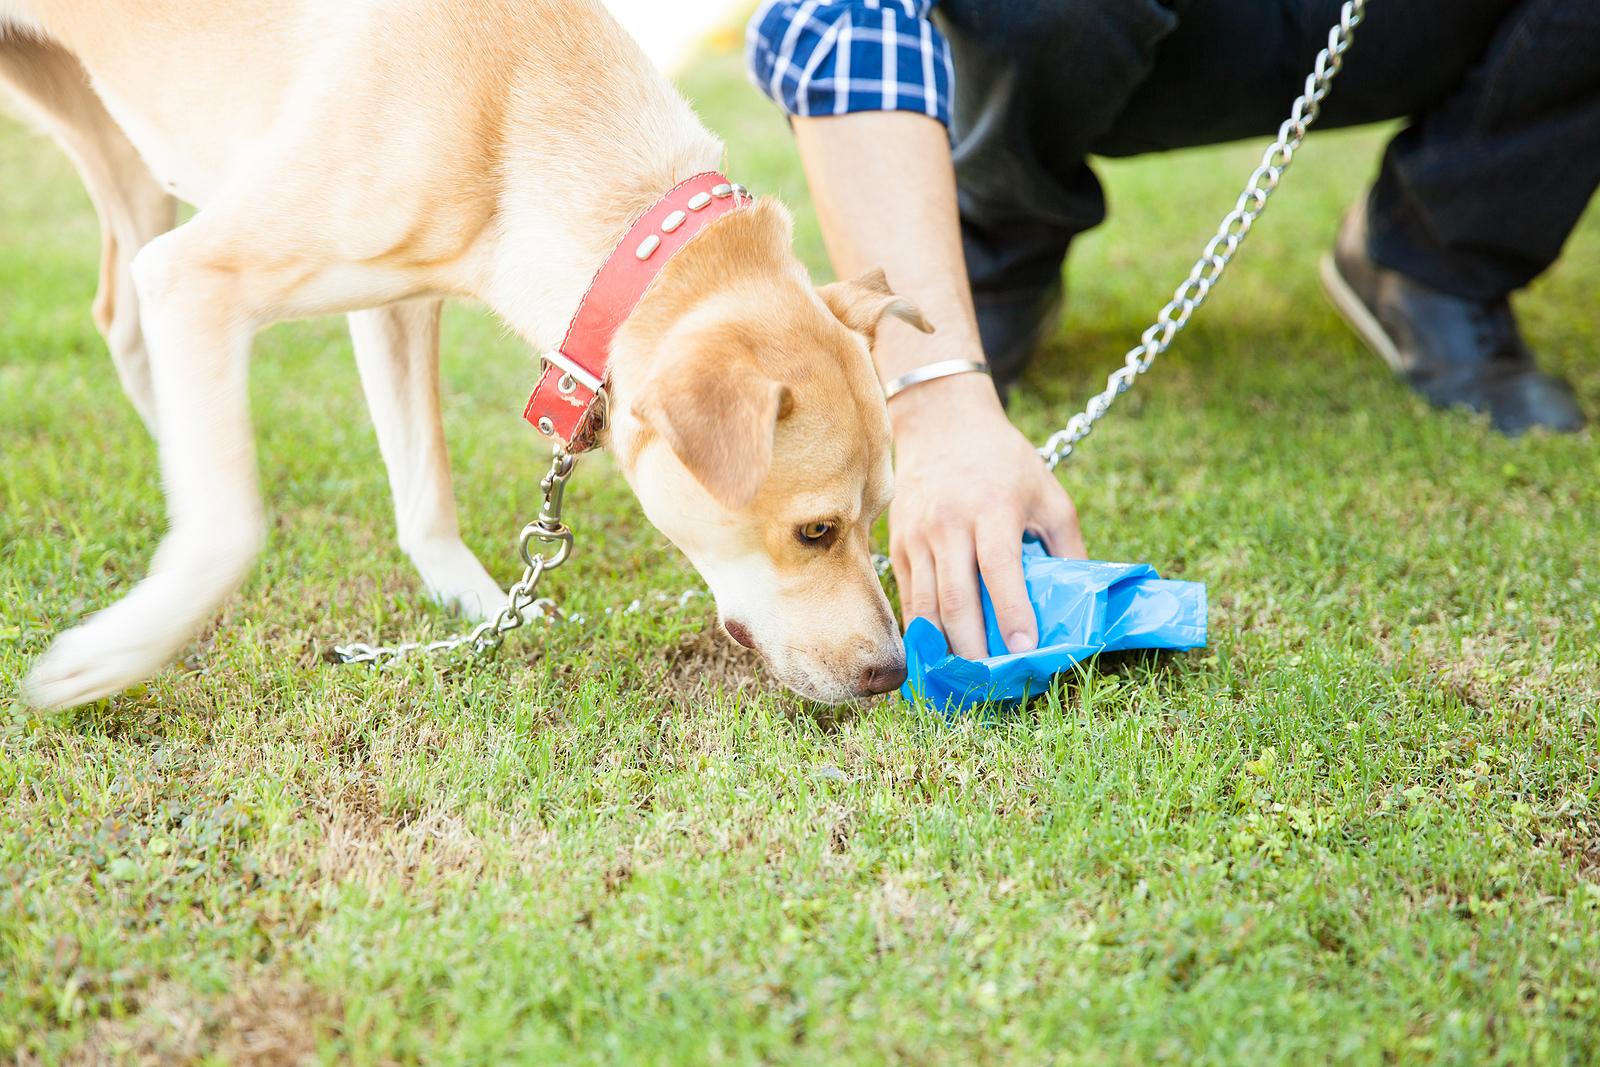 Mit tegyek, ha megeszi az ürülékét  a kutyám?